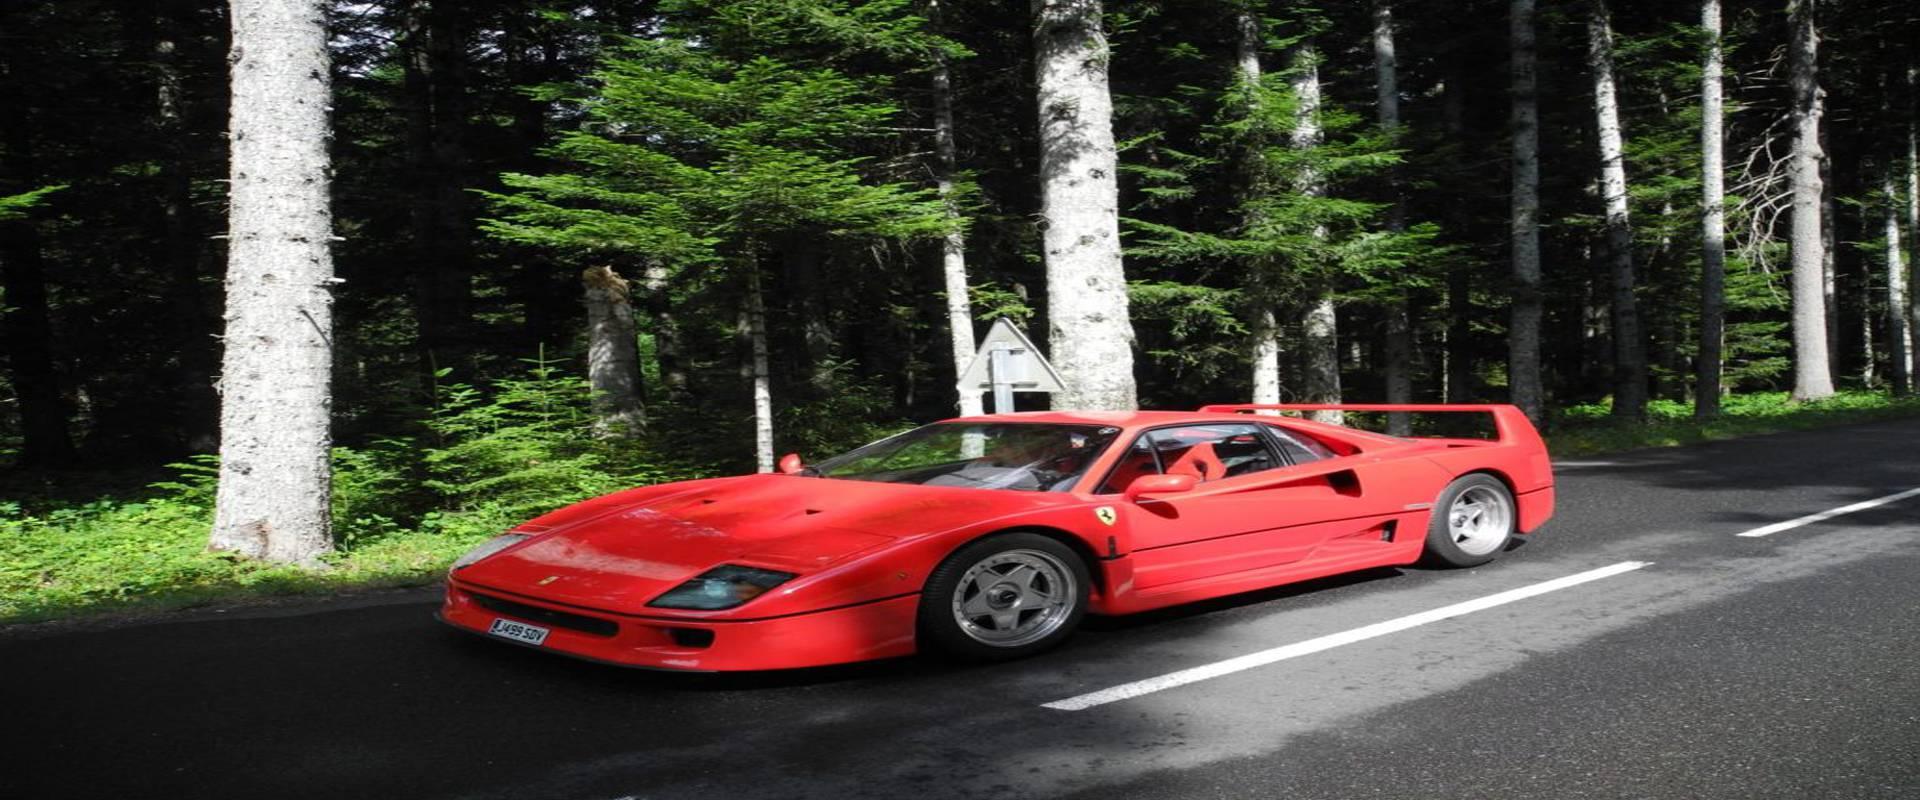 Ferrari F40 Buying Advice